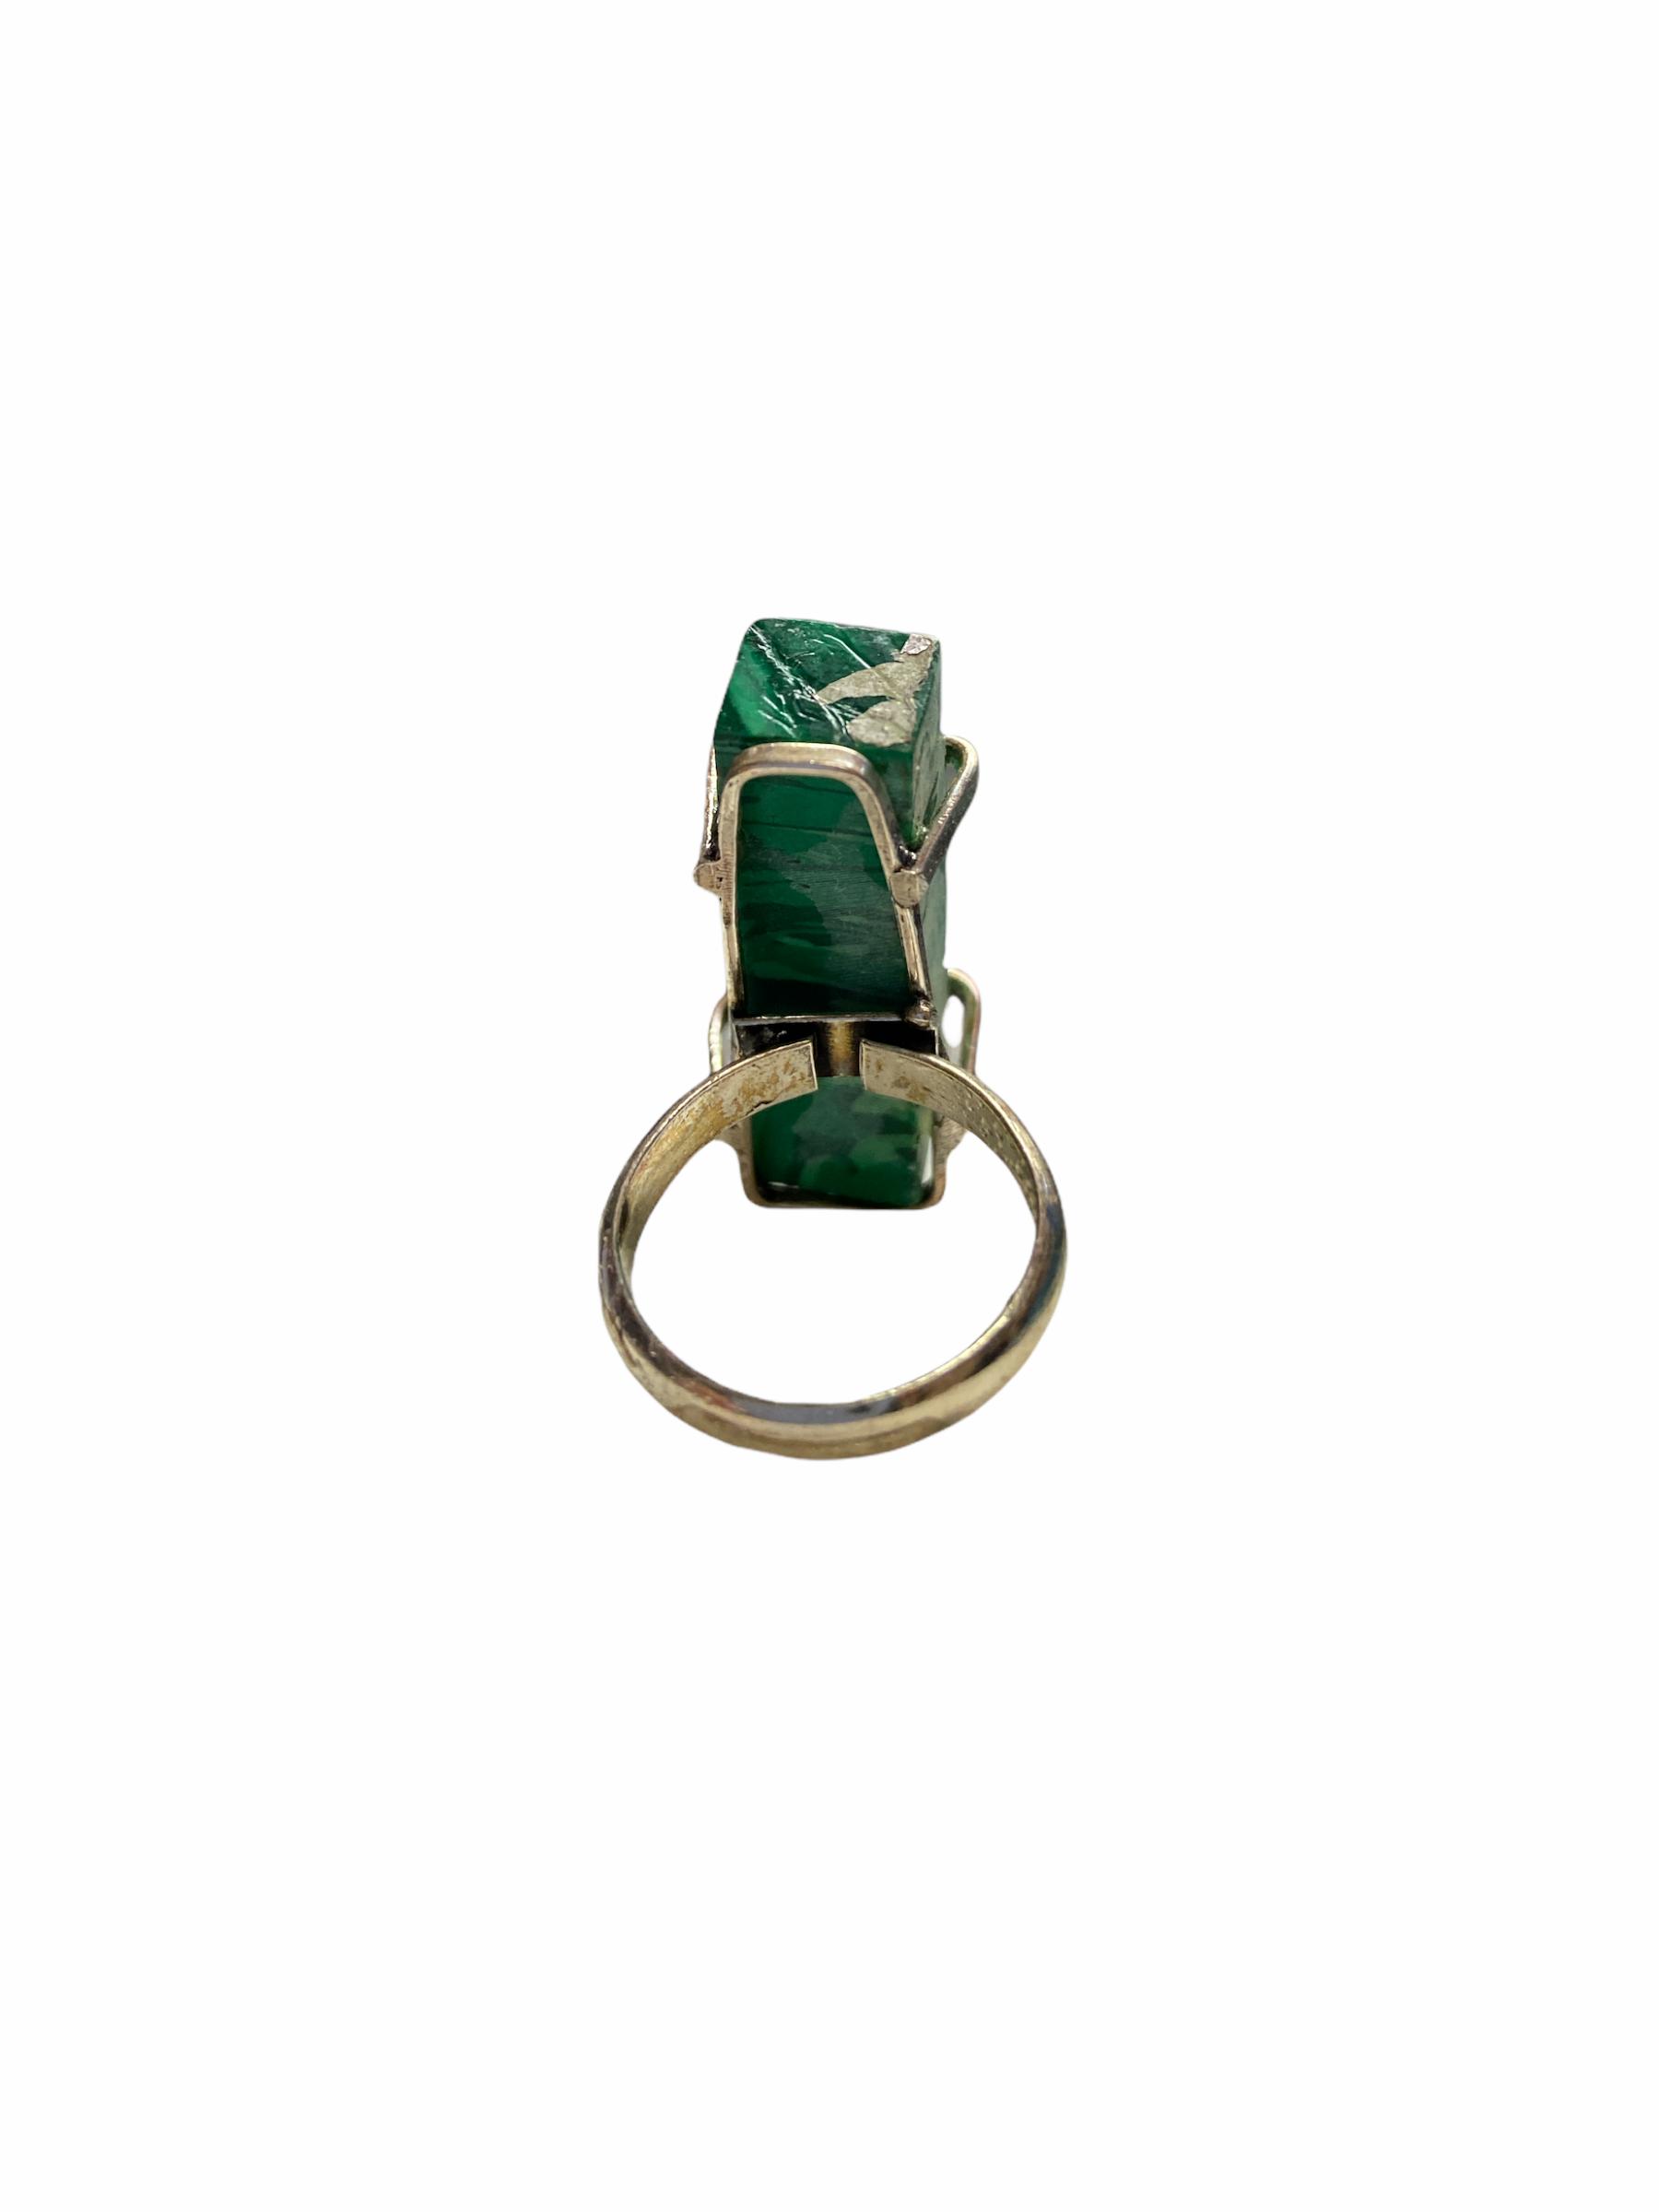 Δαχτυλίδι Χειροποίητο Ακατέργαστο Με Πράσινο Μαλαχίτη Ασημί